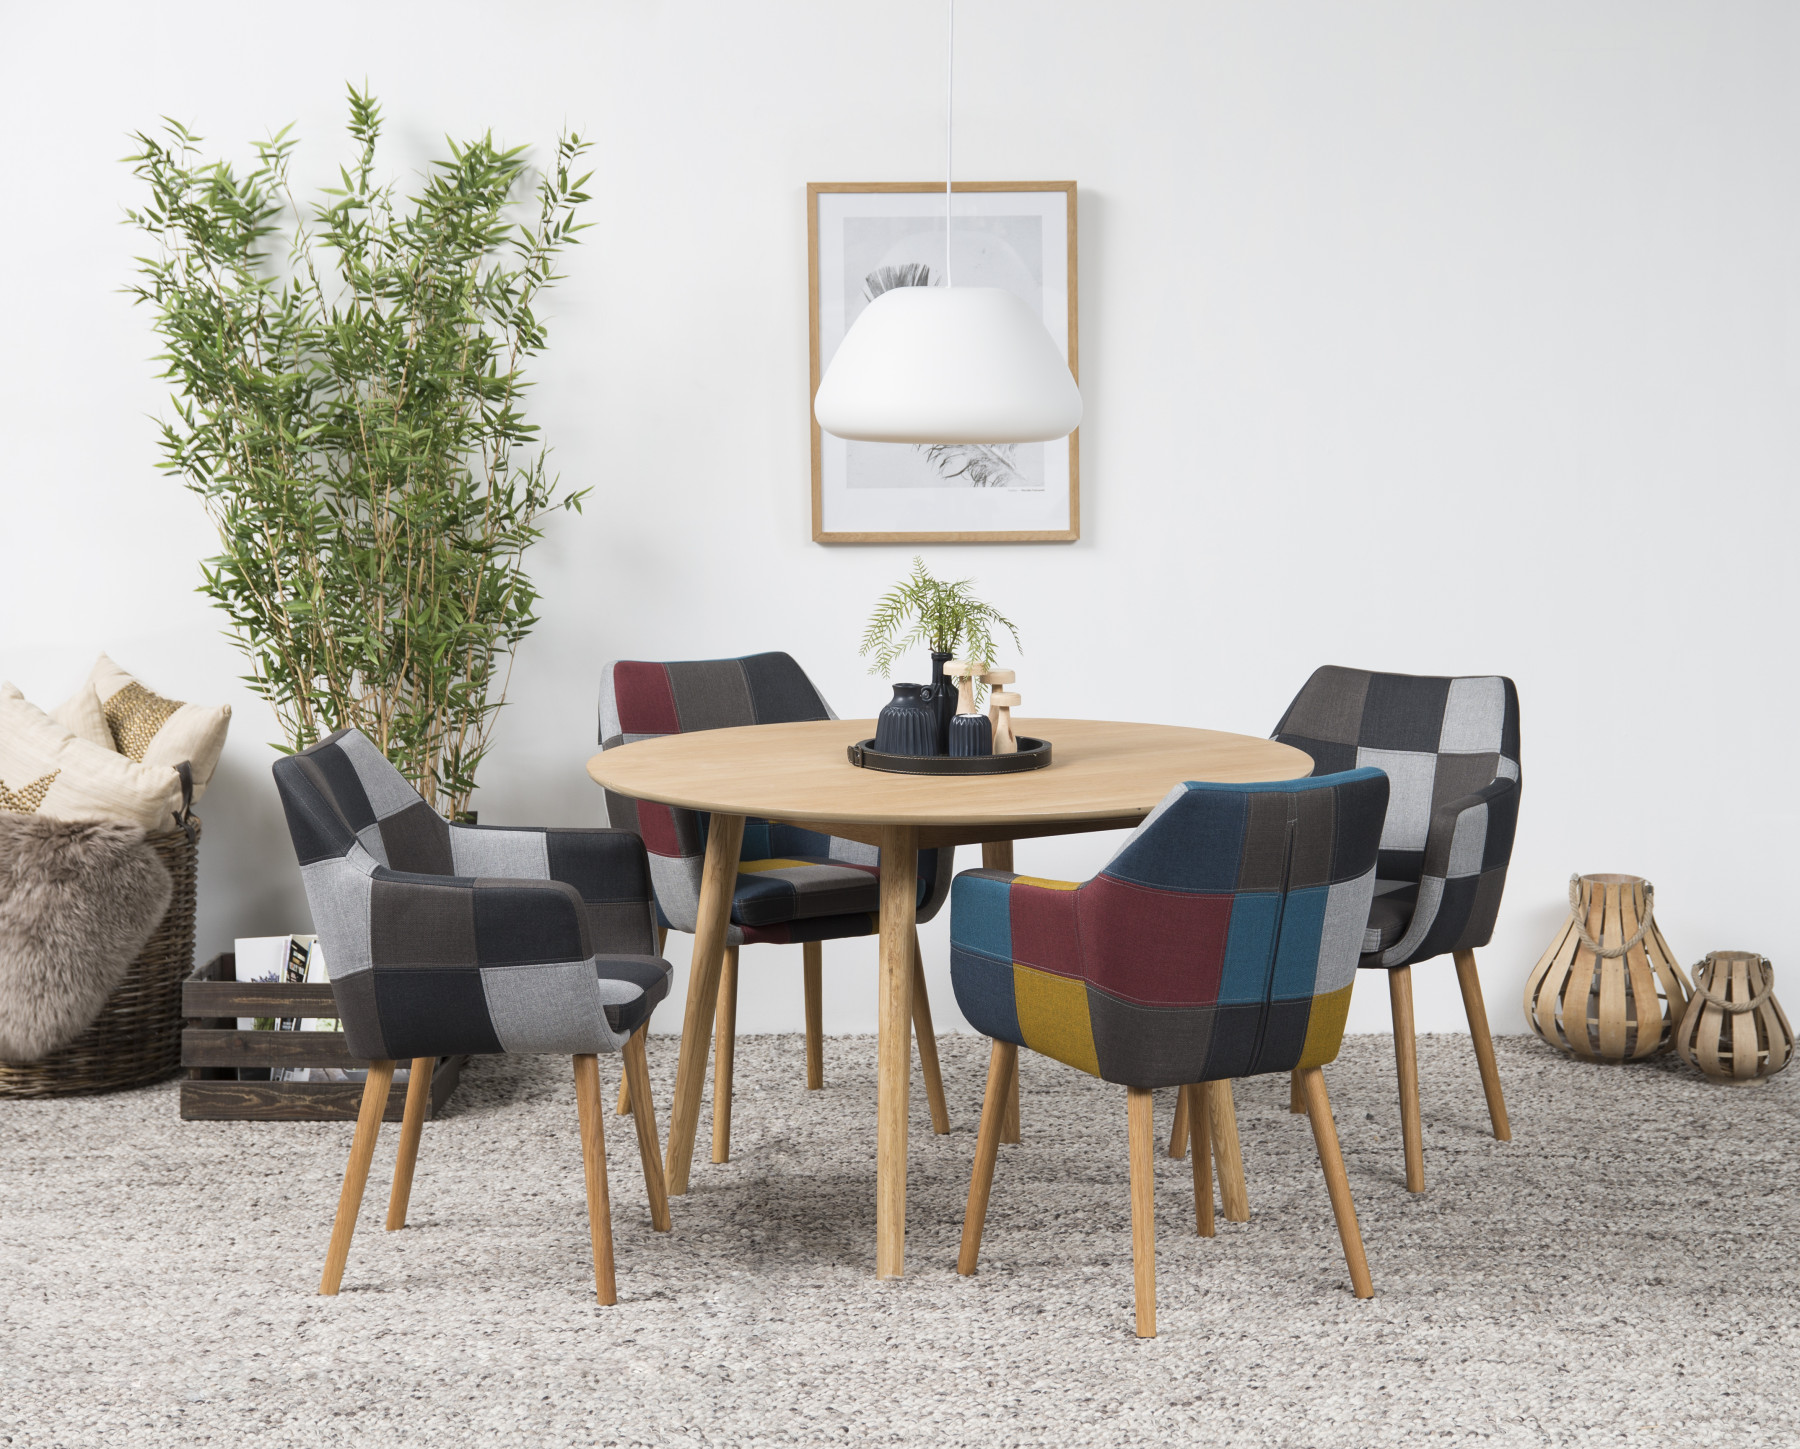 Flot rundt spisebord i egetræ. Et hyggeligt og enkelt rundt bord.